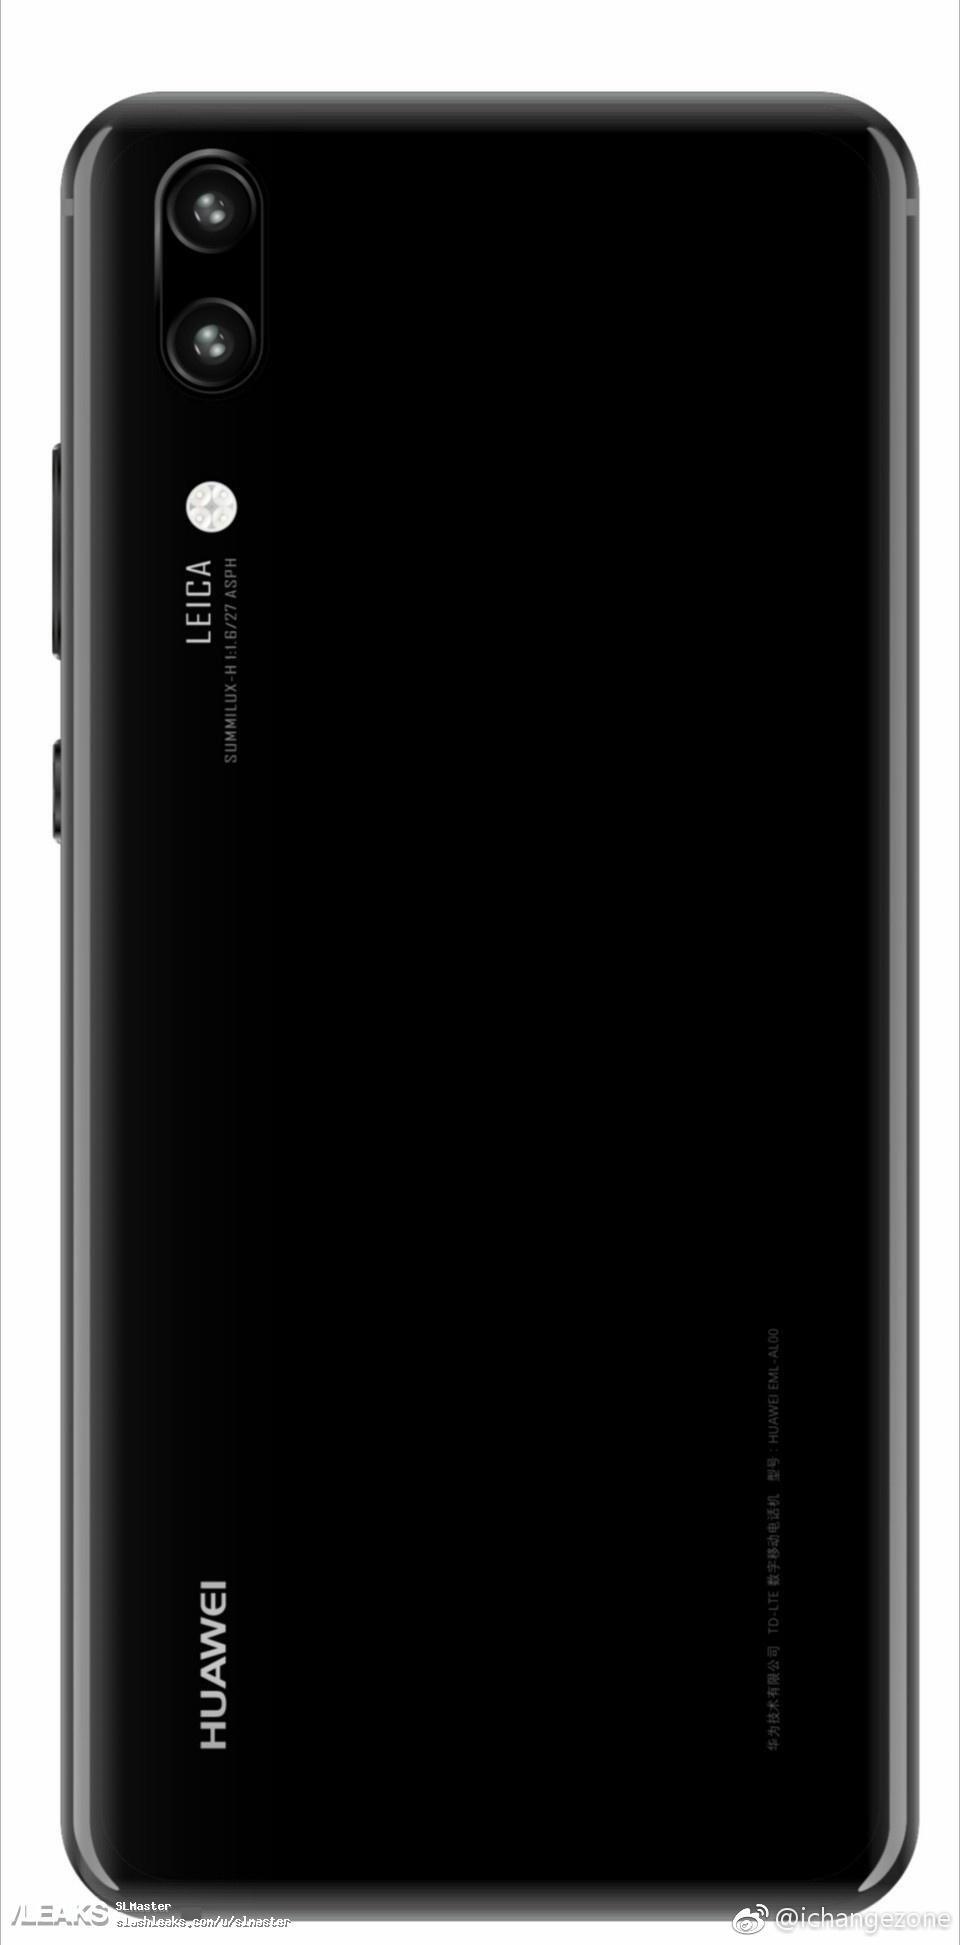 Huawei P20 Back